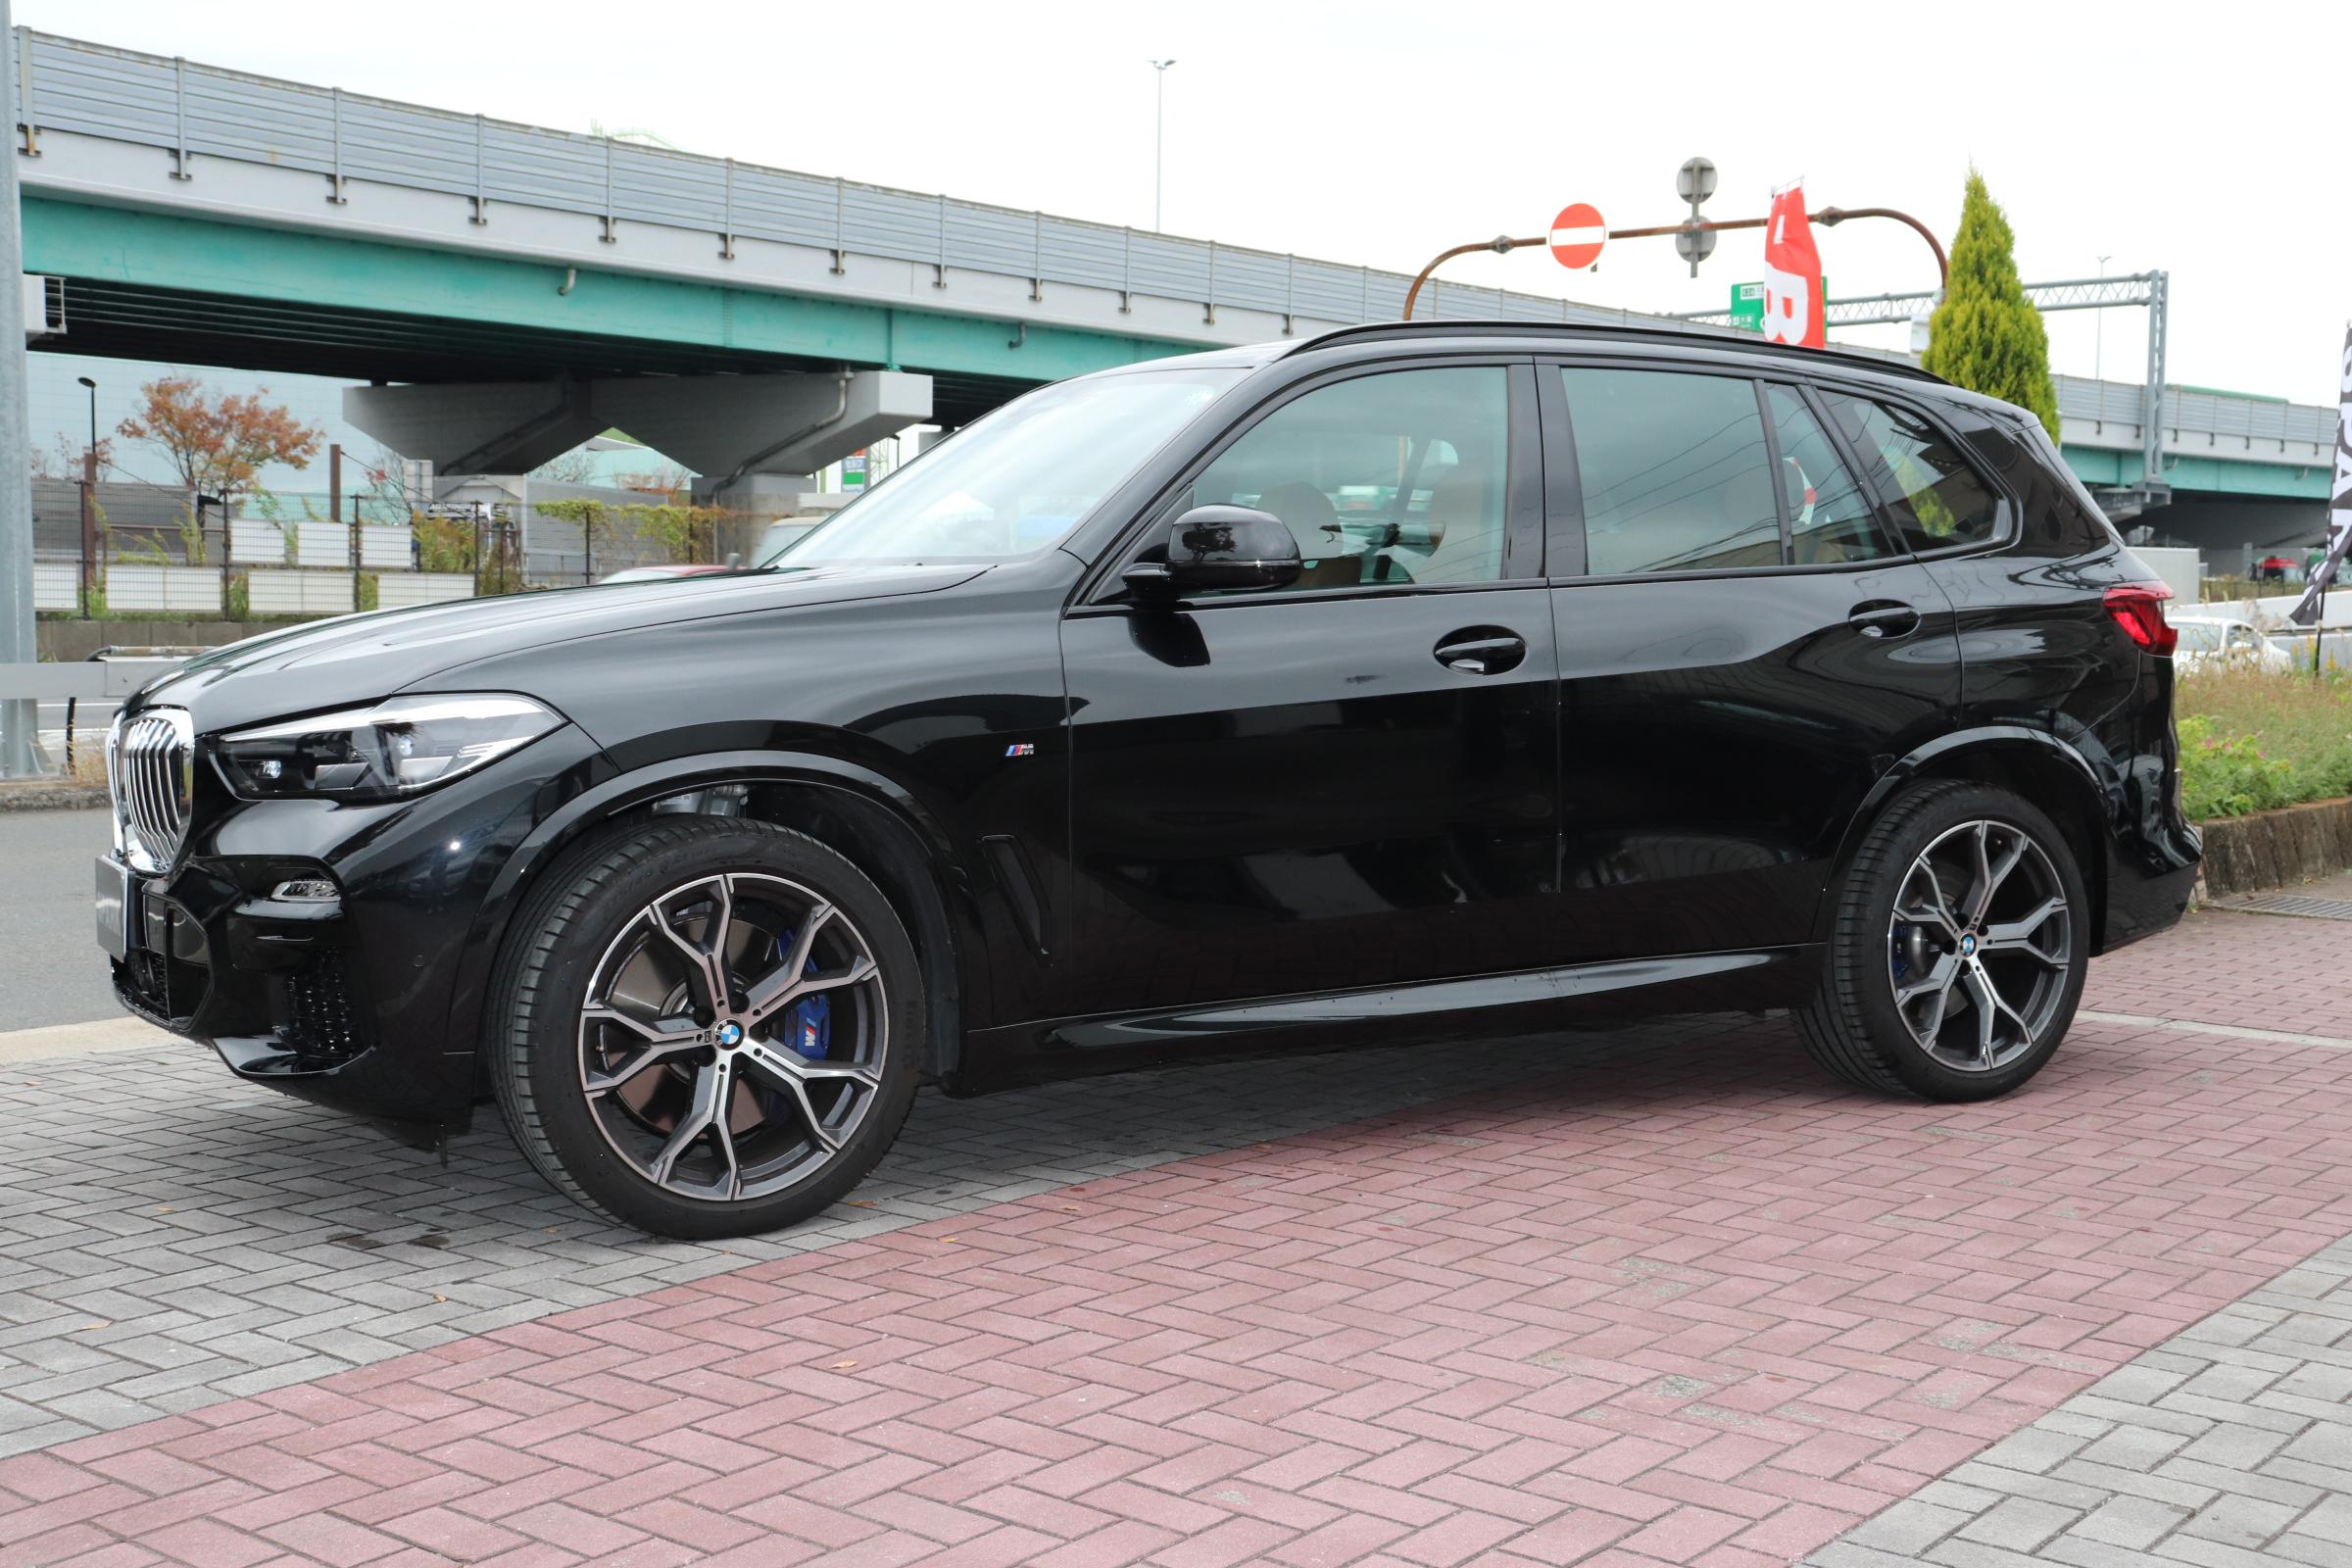 X5 xDrive 35d Mスポーツ ドライビングダイナミクスパッケージ エアサス サンルーフ 21インチAW車両画像07